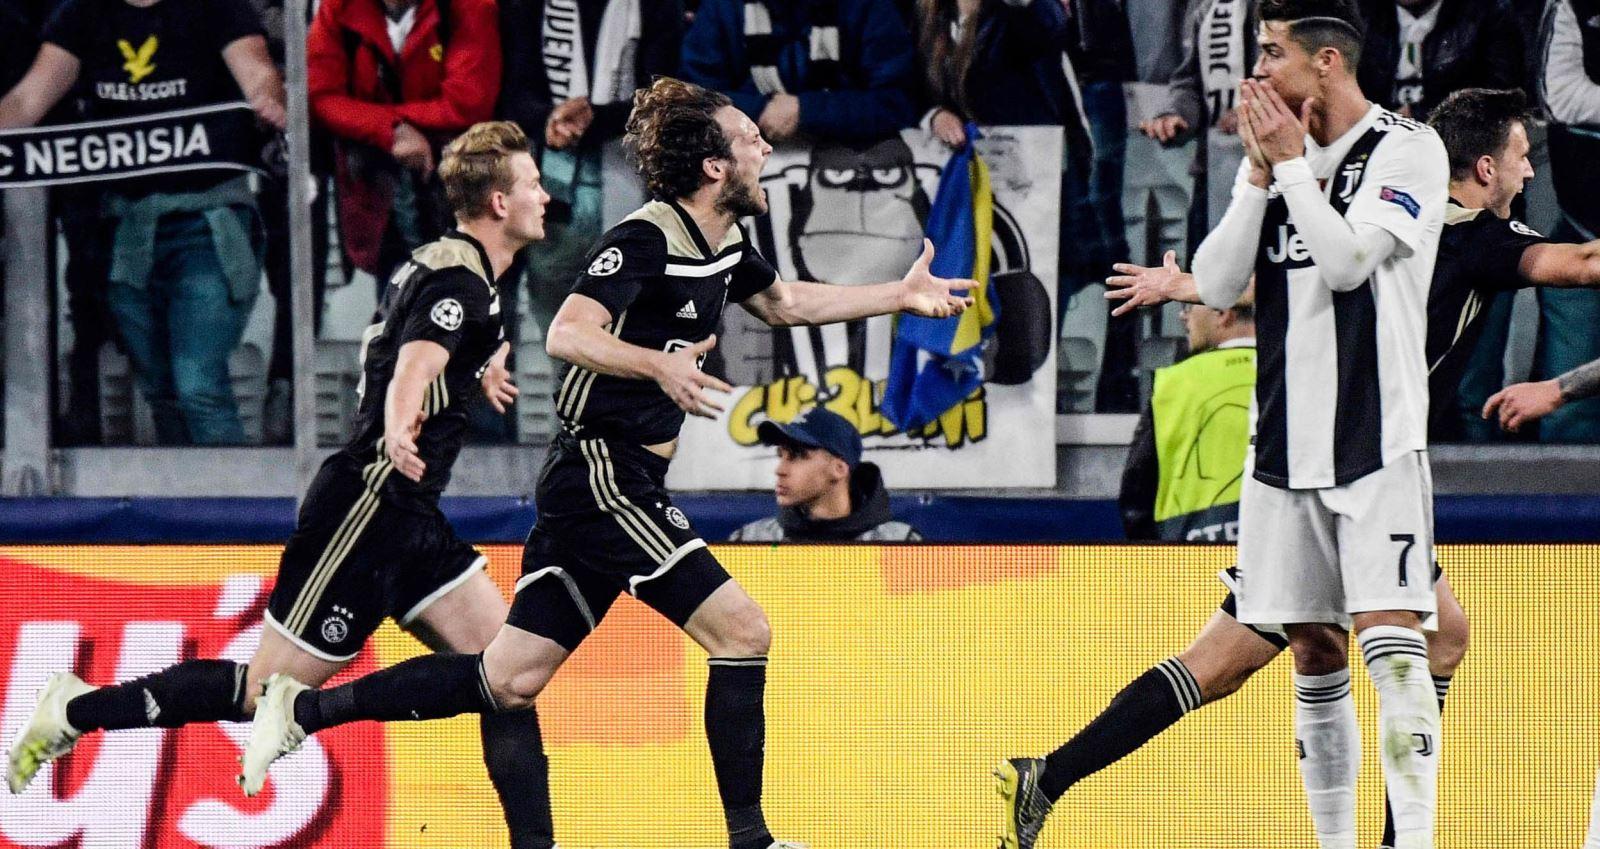 Juventus bị loại ở C1. Kết quả Juventus vs Porto.Juventus vs Porto.Kết quả bóng đáChampions League: lượt vềvòng 1/8. Video clip bàn thắng trận Juventus vs Porto